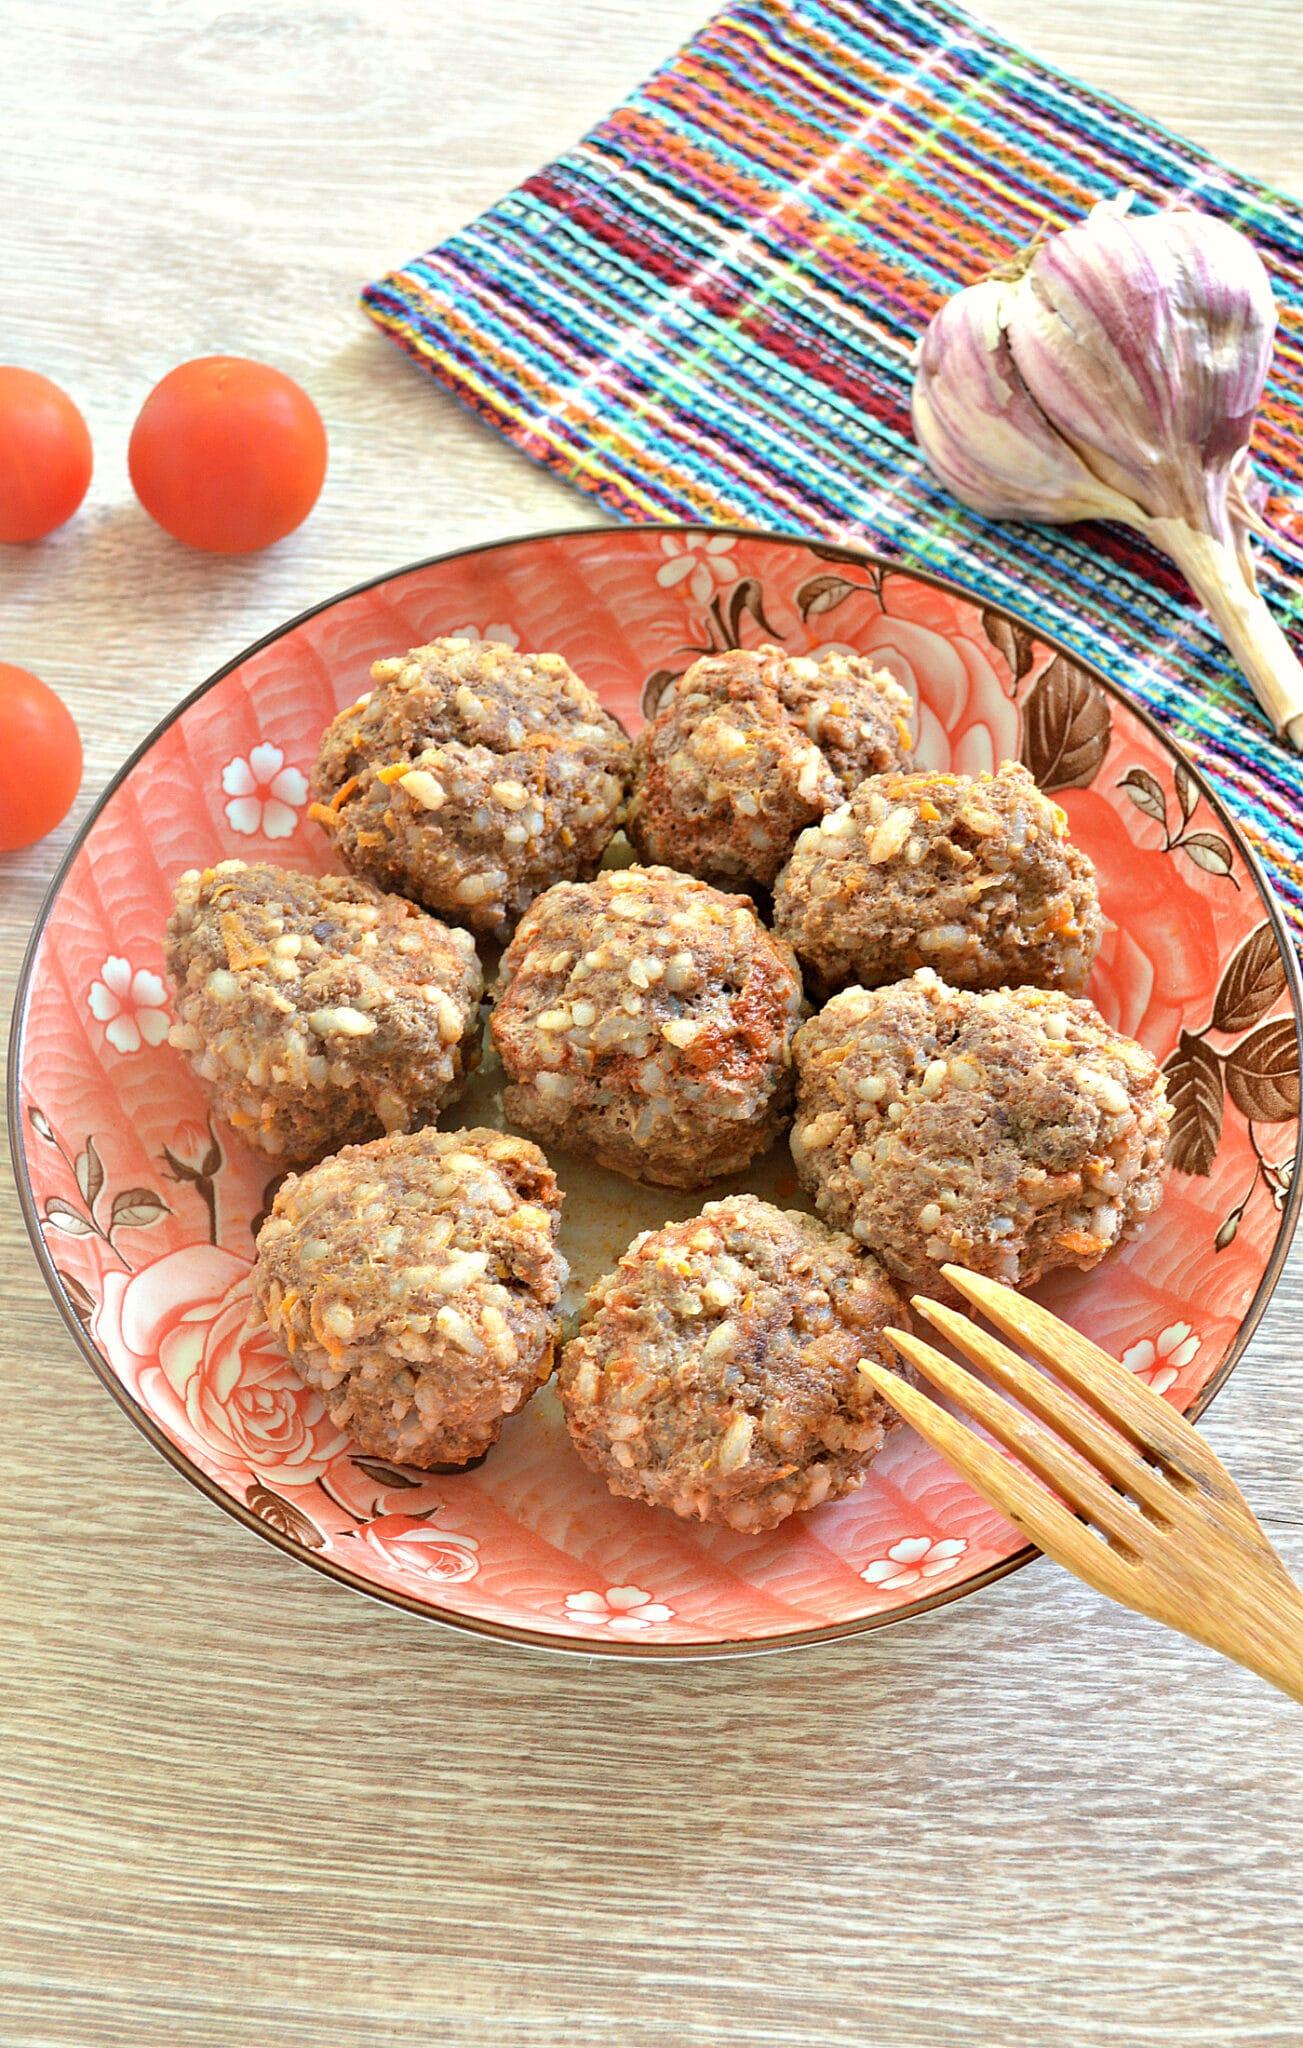 Тефтели из говядины рецепт с фото пошагово